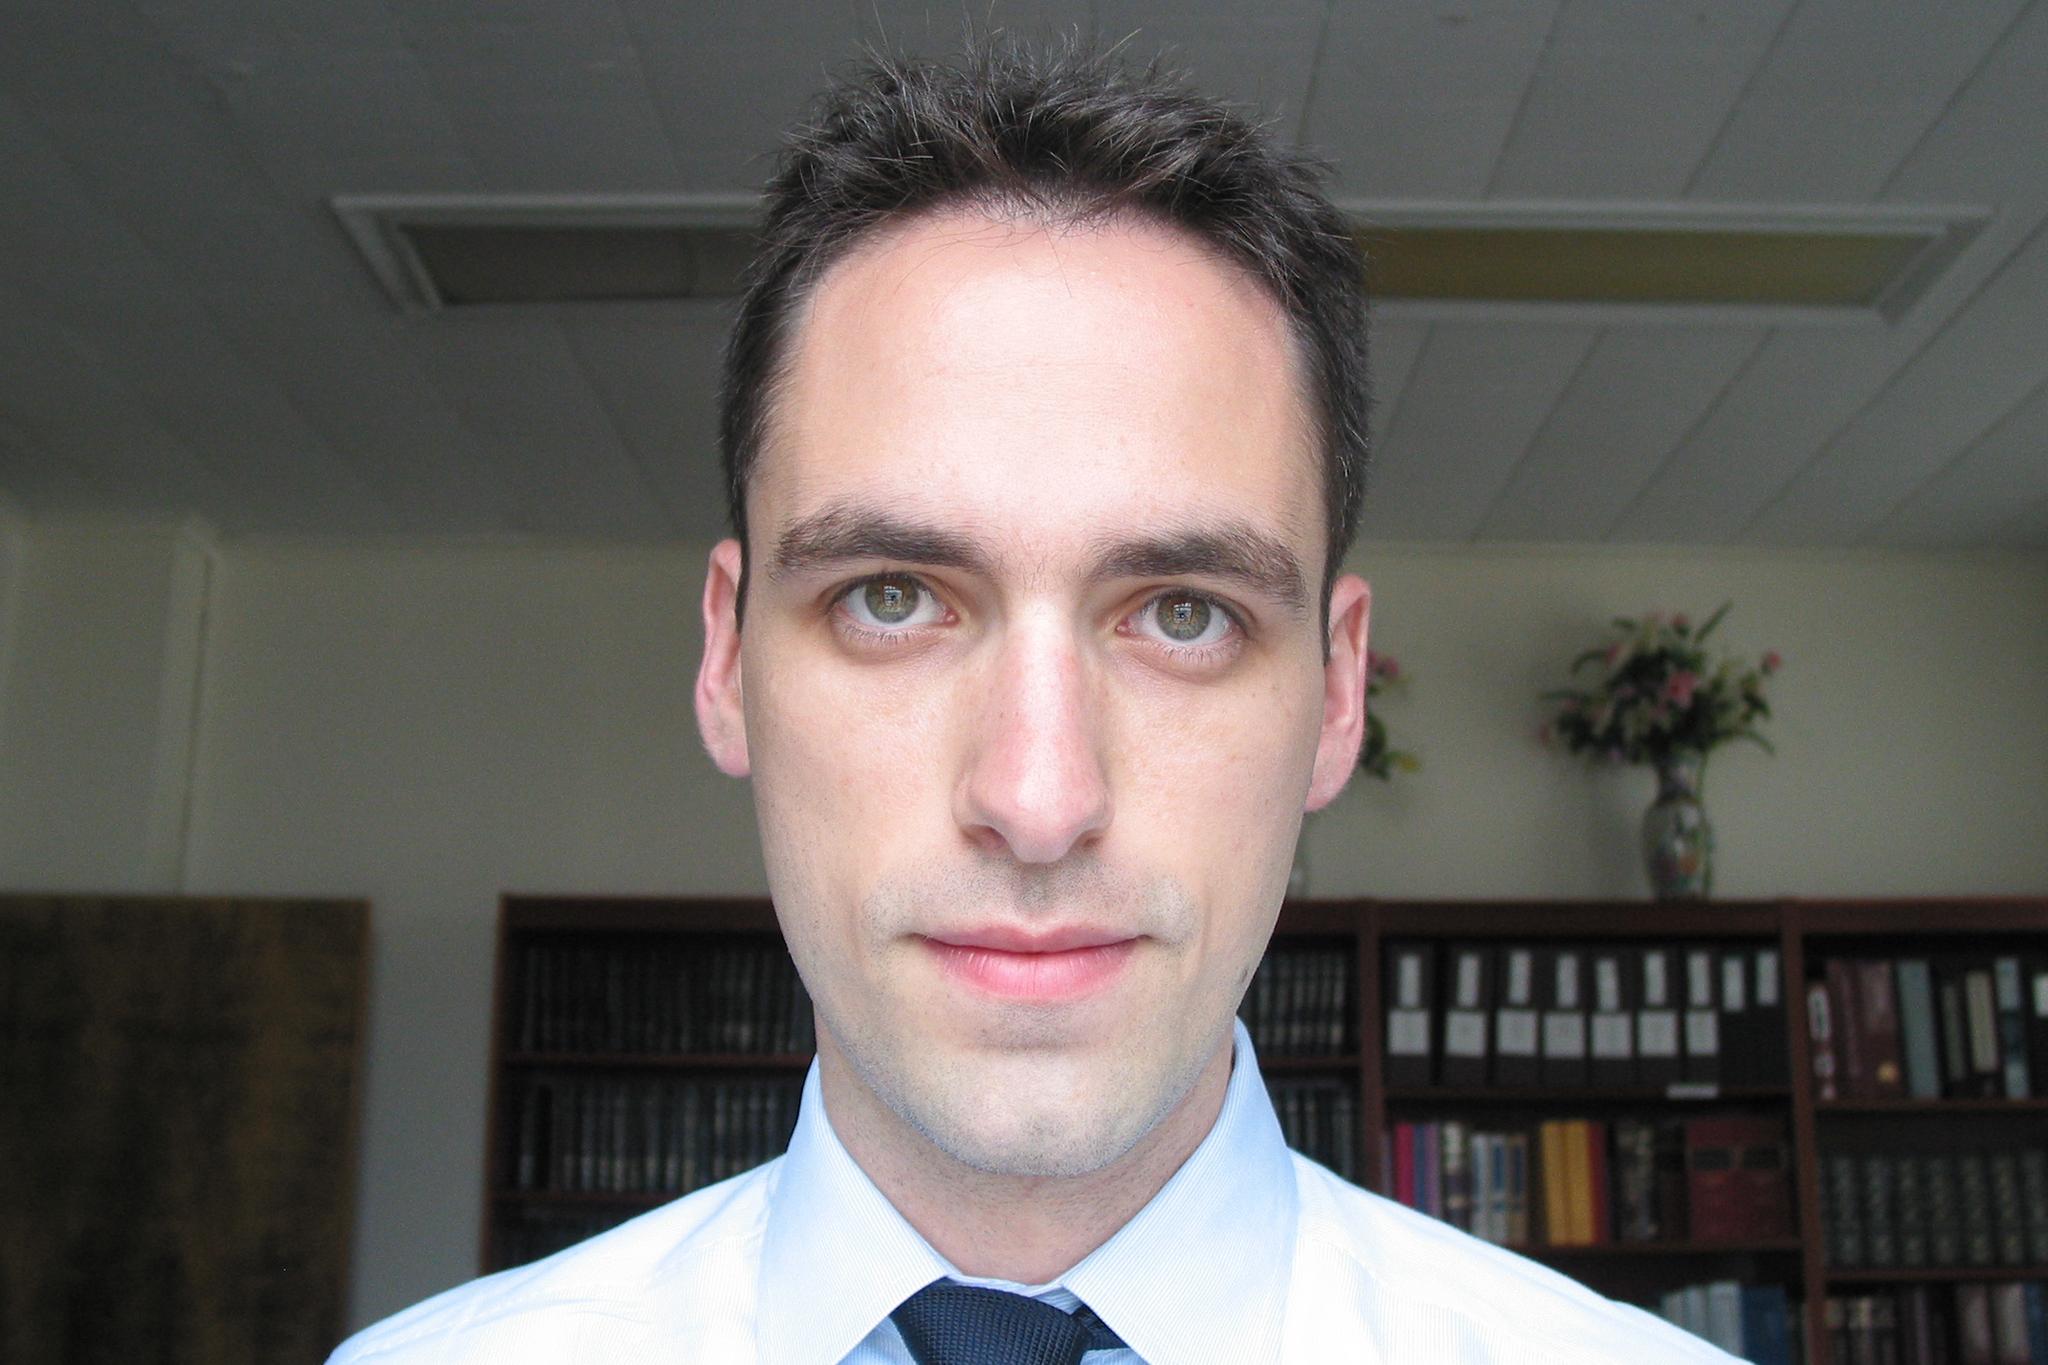 Jake Dobkin, publisher and cofounder of Gothamist